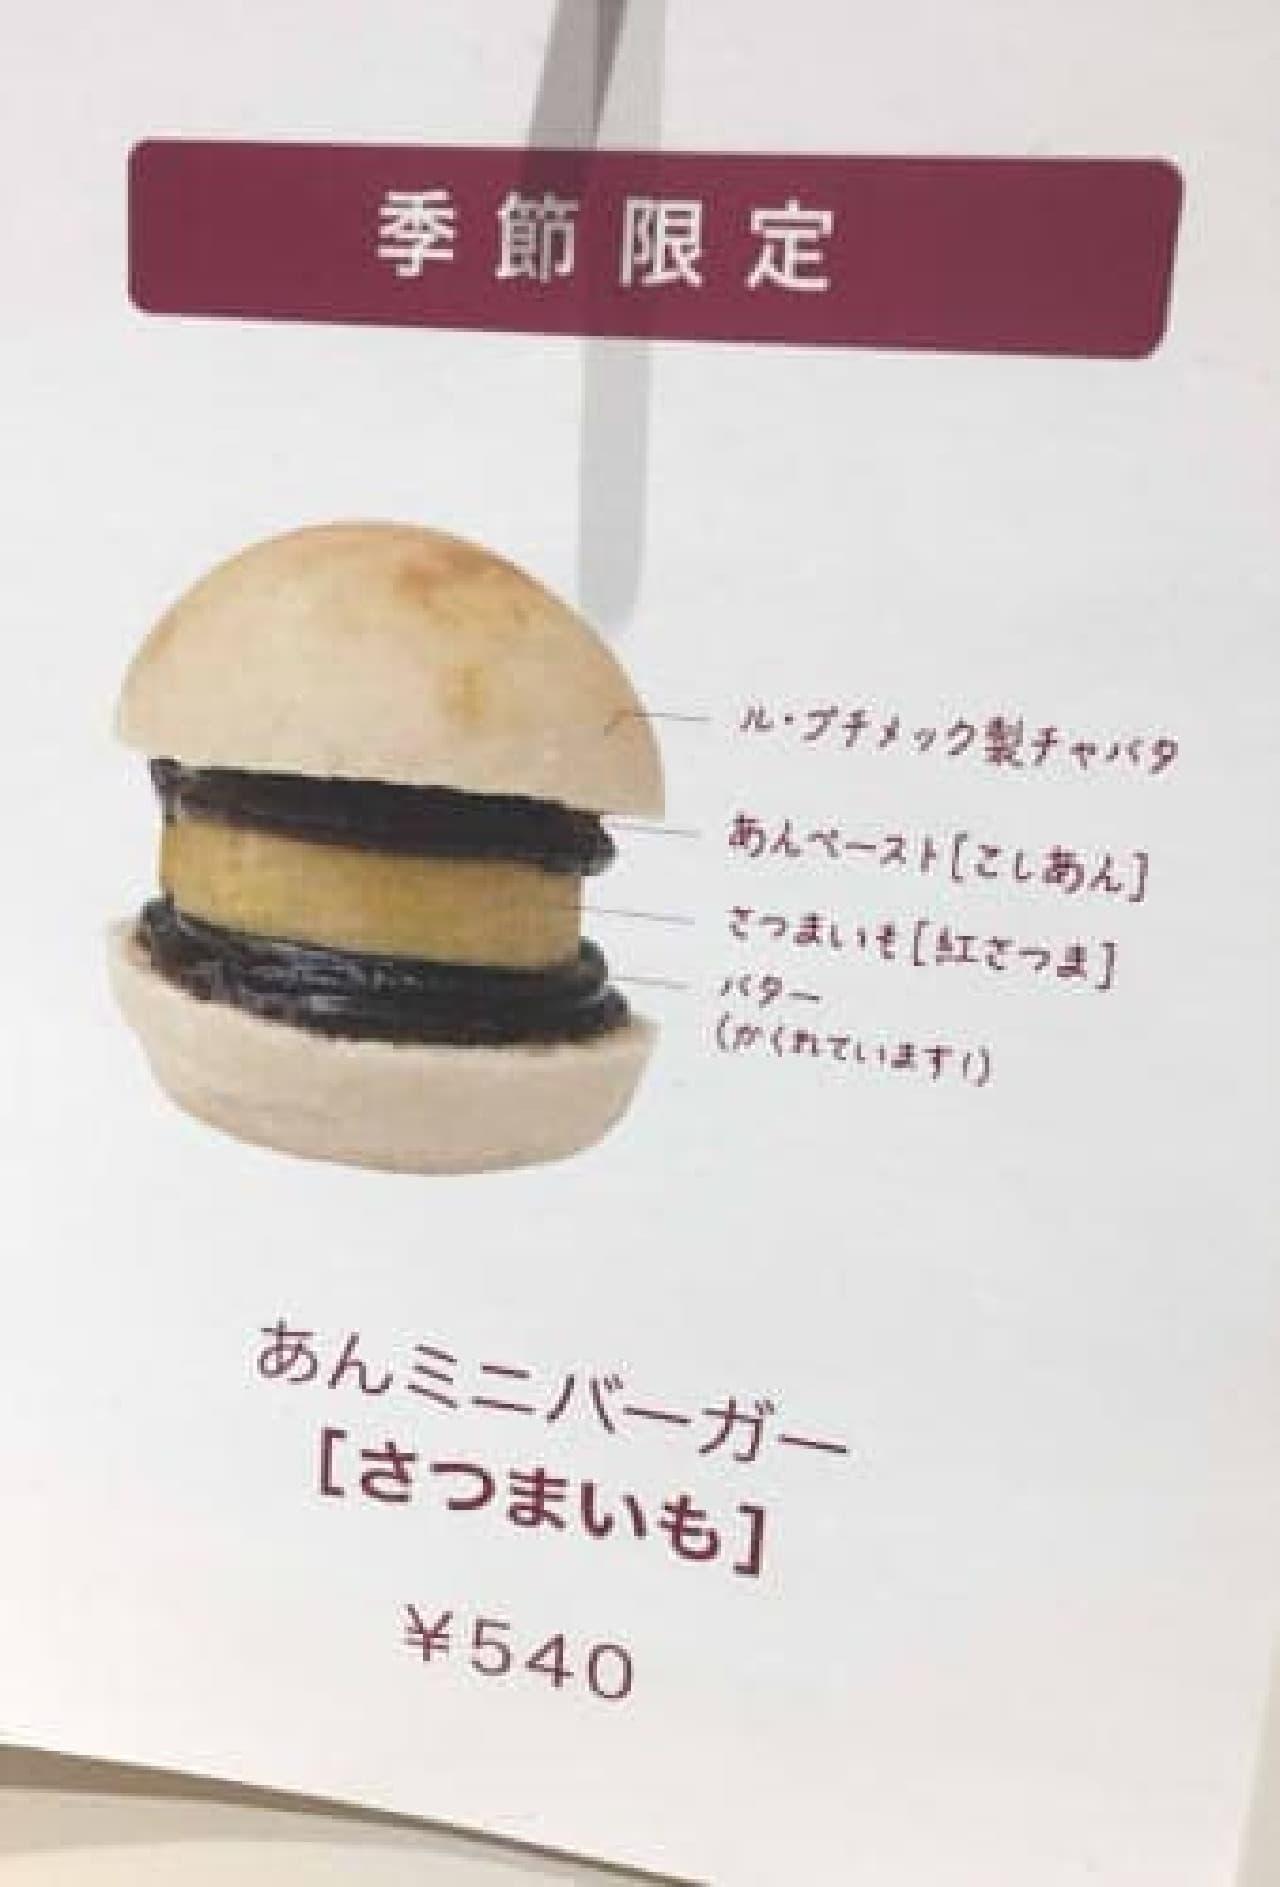 トラヤカフェ新宿の「あんミニバーガー(さつまいも)」